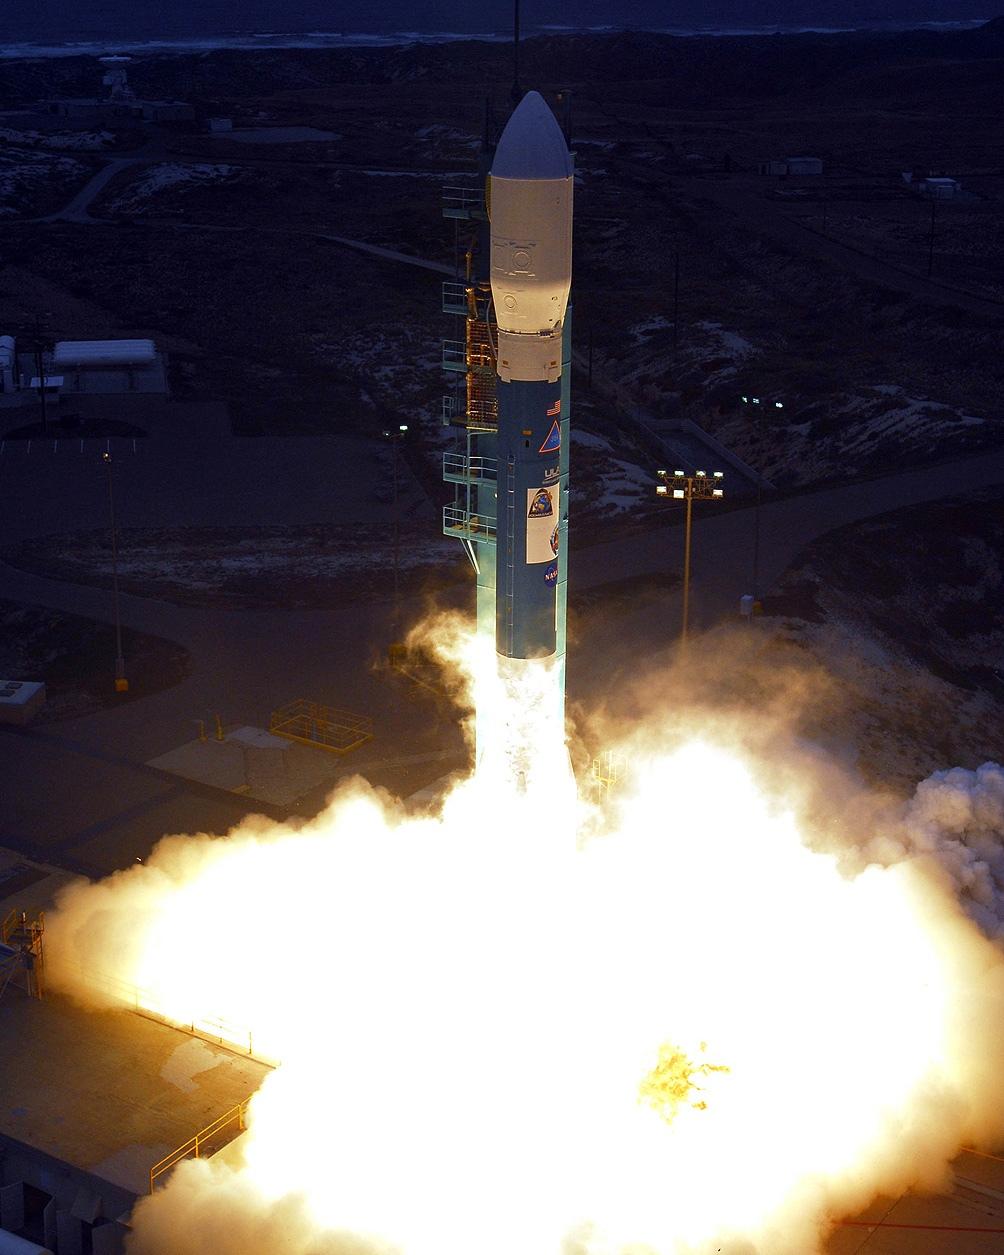 El proyecto que puso en órbita el satélite fue la cuarta misión satelital.